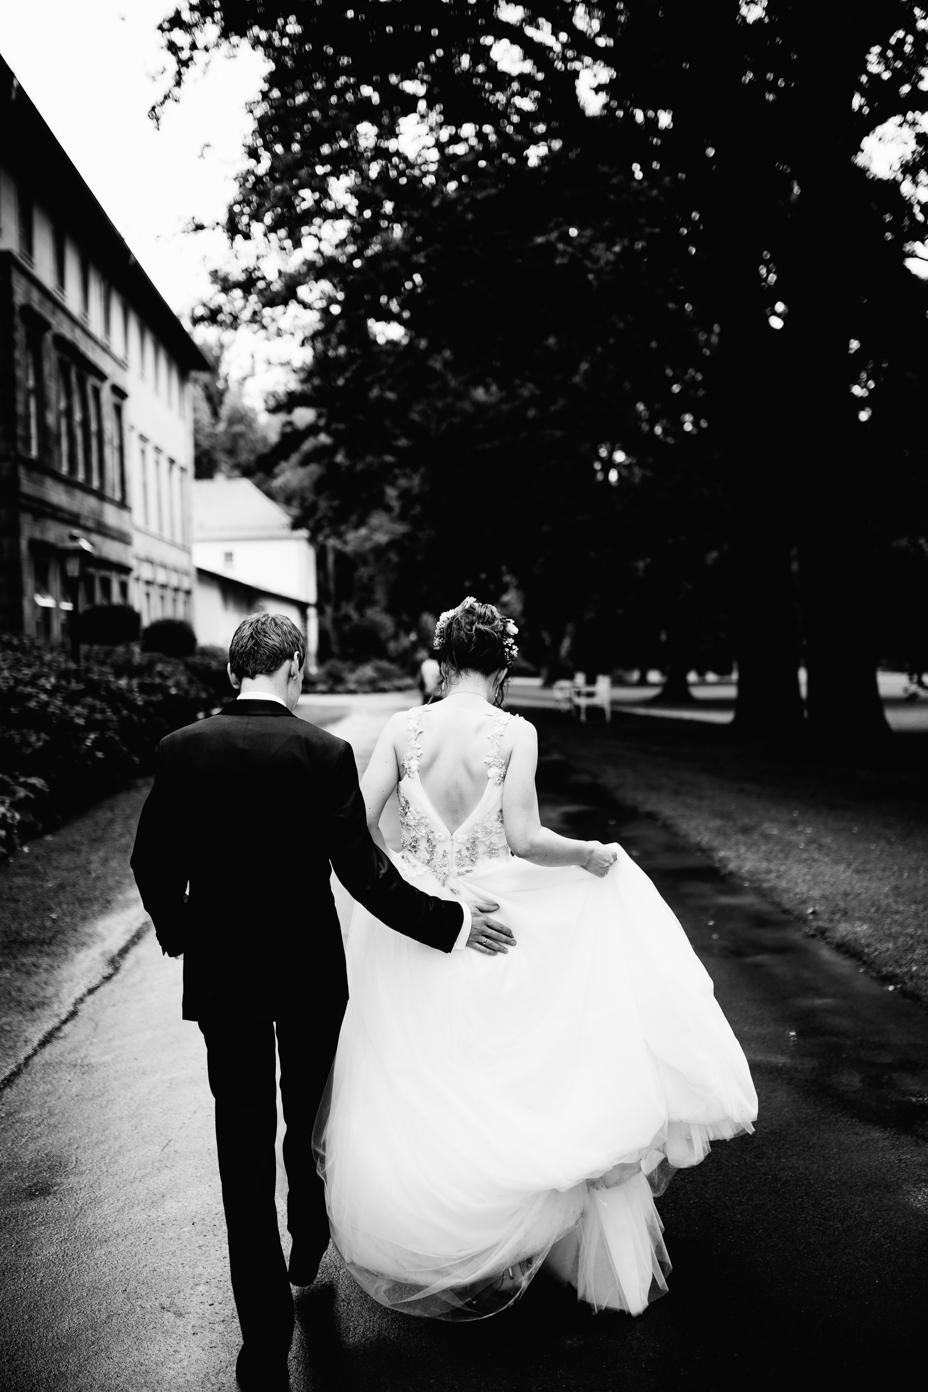 Hochzeitsfotograf-Kassel-Bad Driburg-Graeflicher Park-Inka Englisch Photography-Hochzeitsreportage-Regenhochzeit-entspannt-storytelling-wedding photographer-63